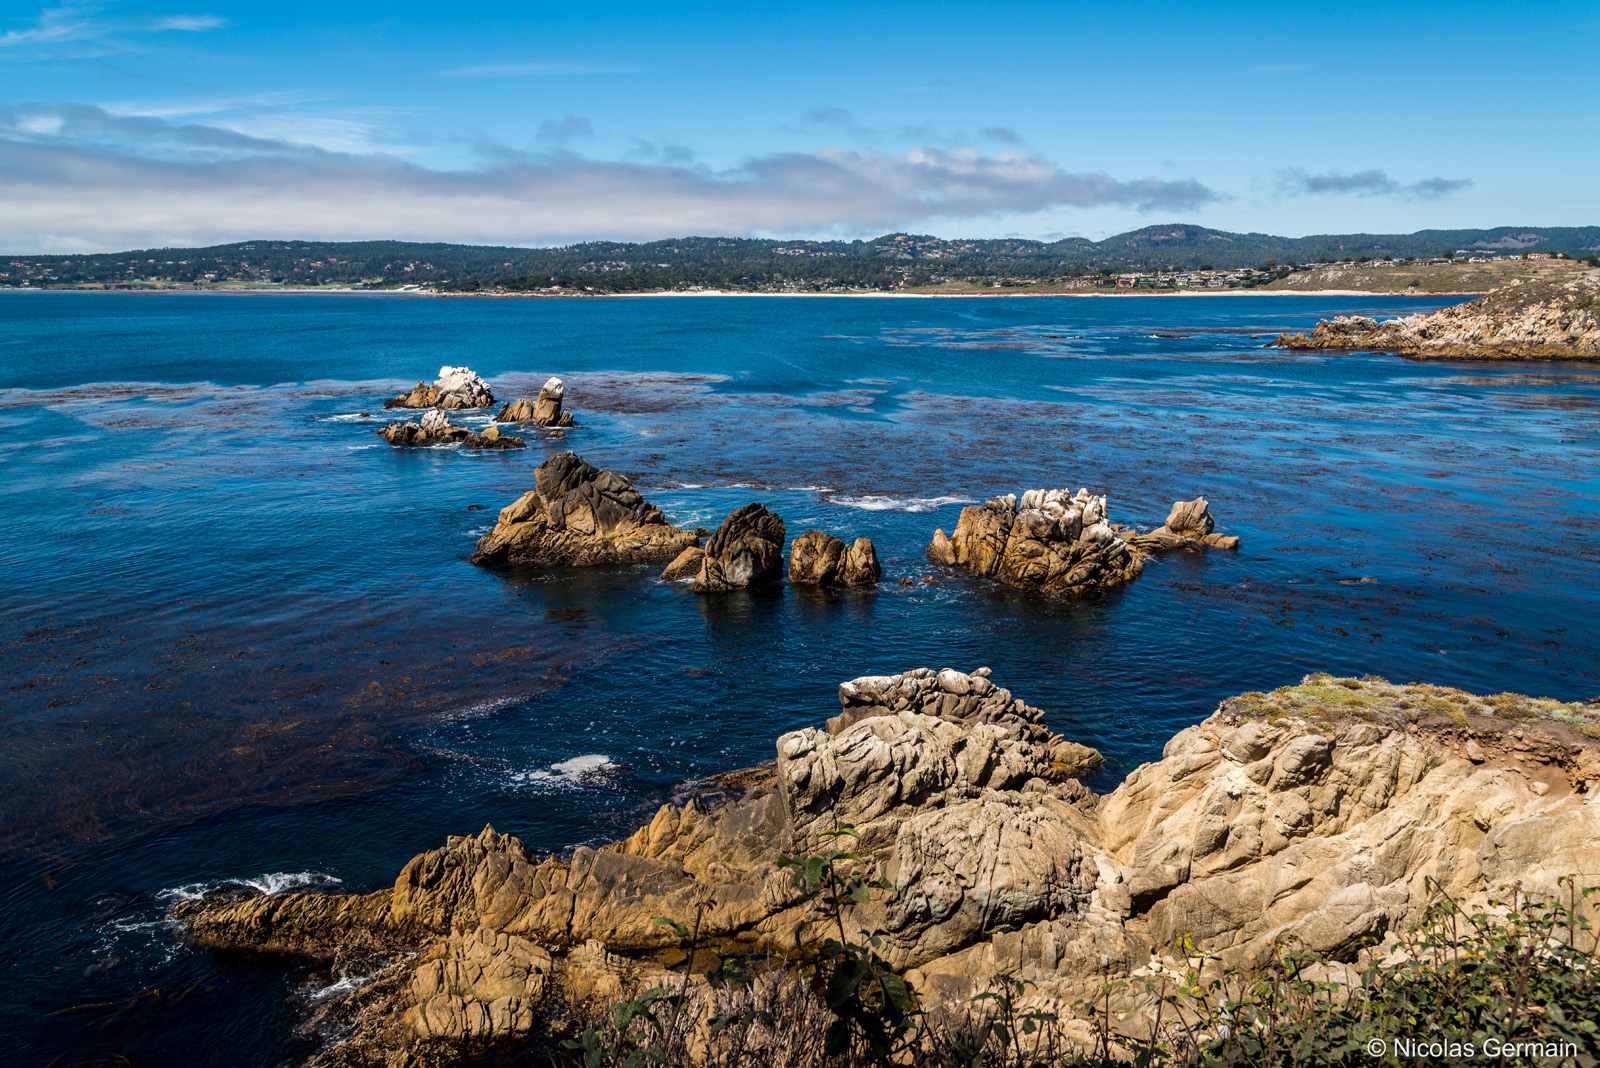 Paysage de la côte pacifique à Point Lobos, Californie